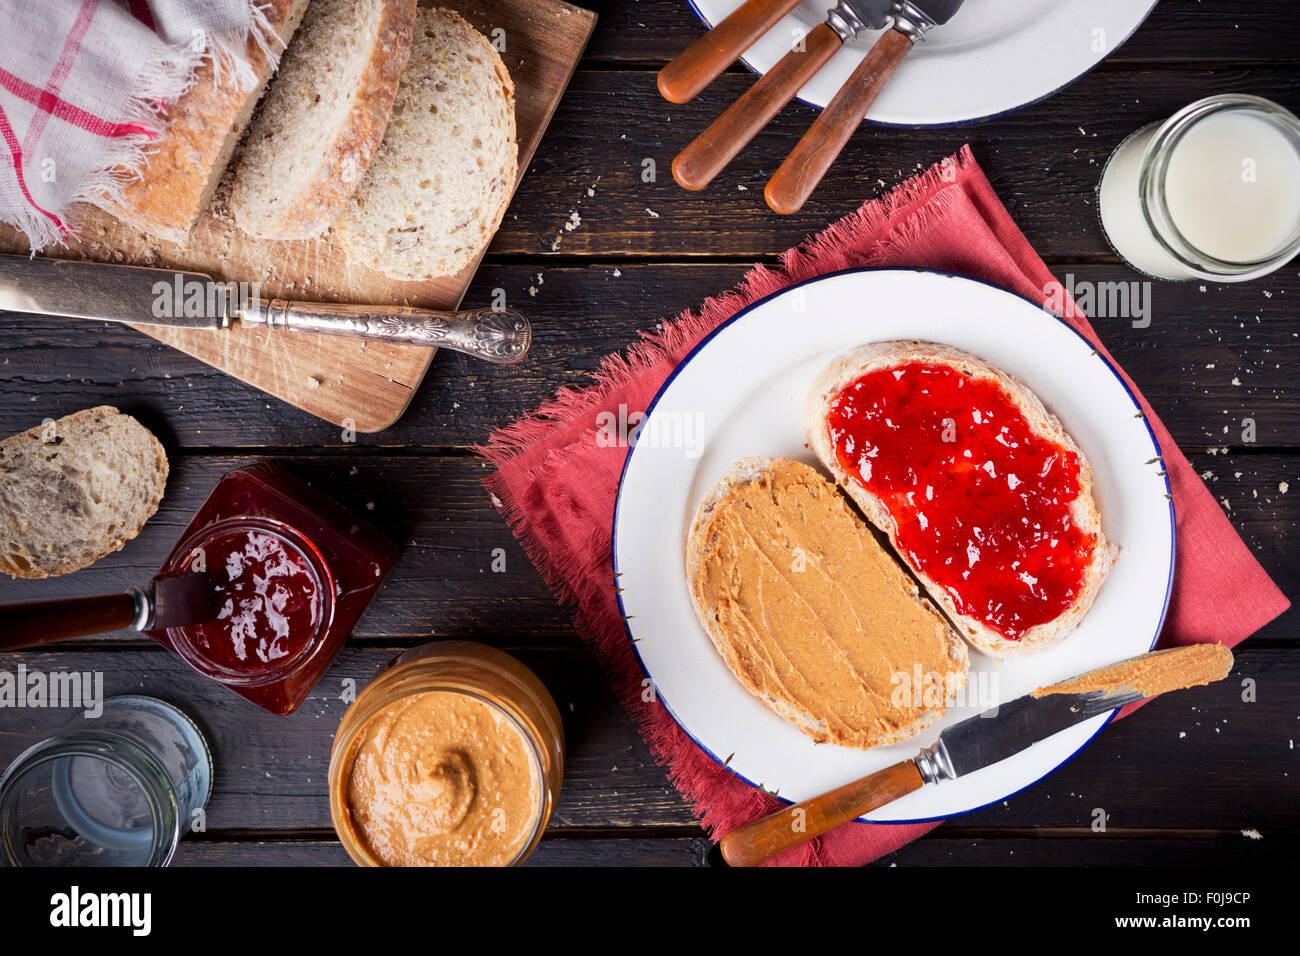 Peanut butter and jelly sandwich sur une table rustique. Photographié à partir de juste au-dessus. Photo Stock